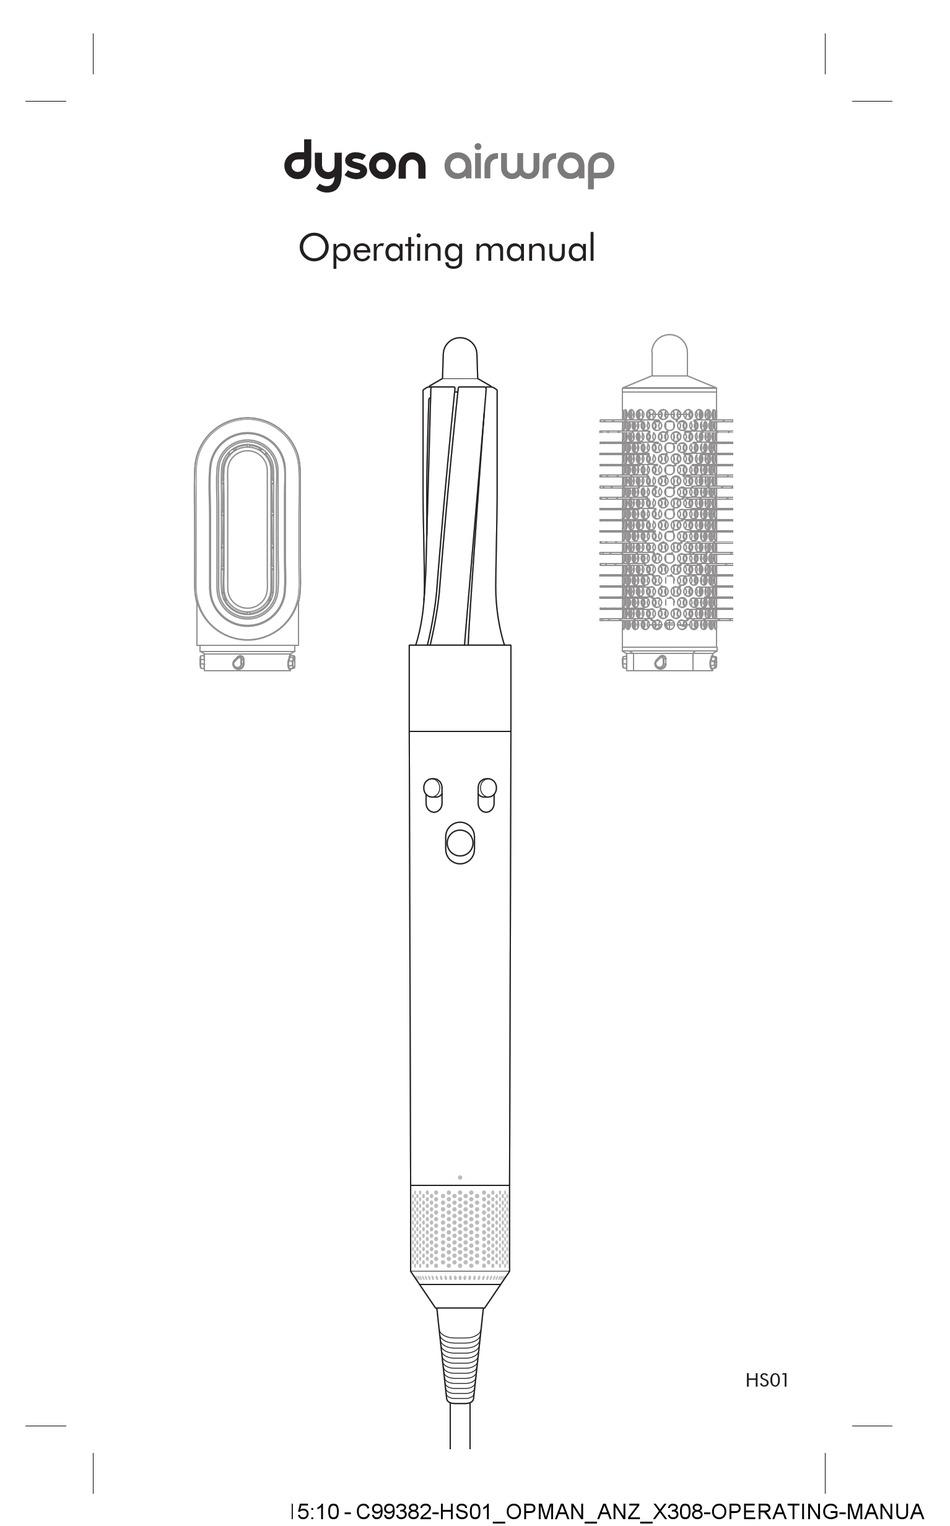 dyson dc08 manual pdf download